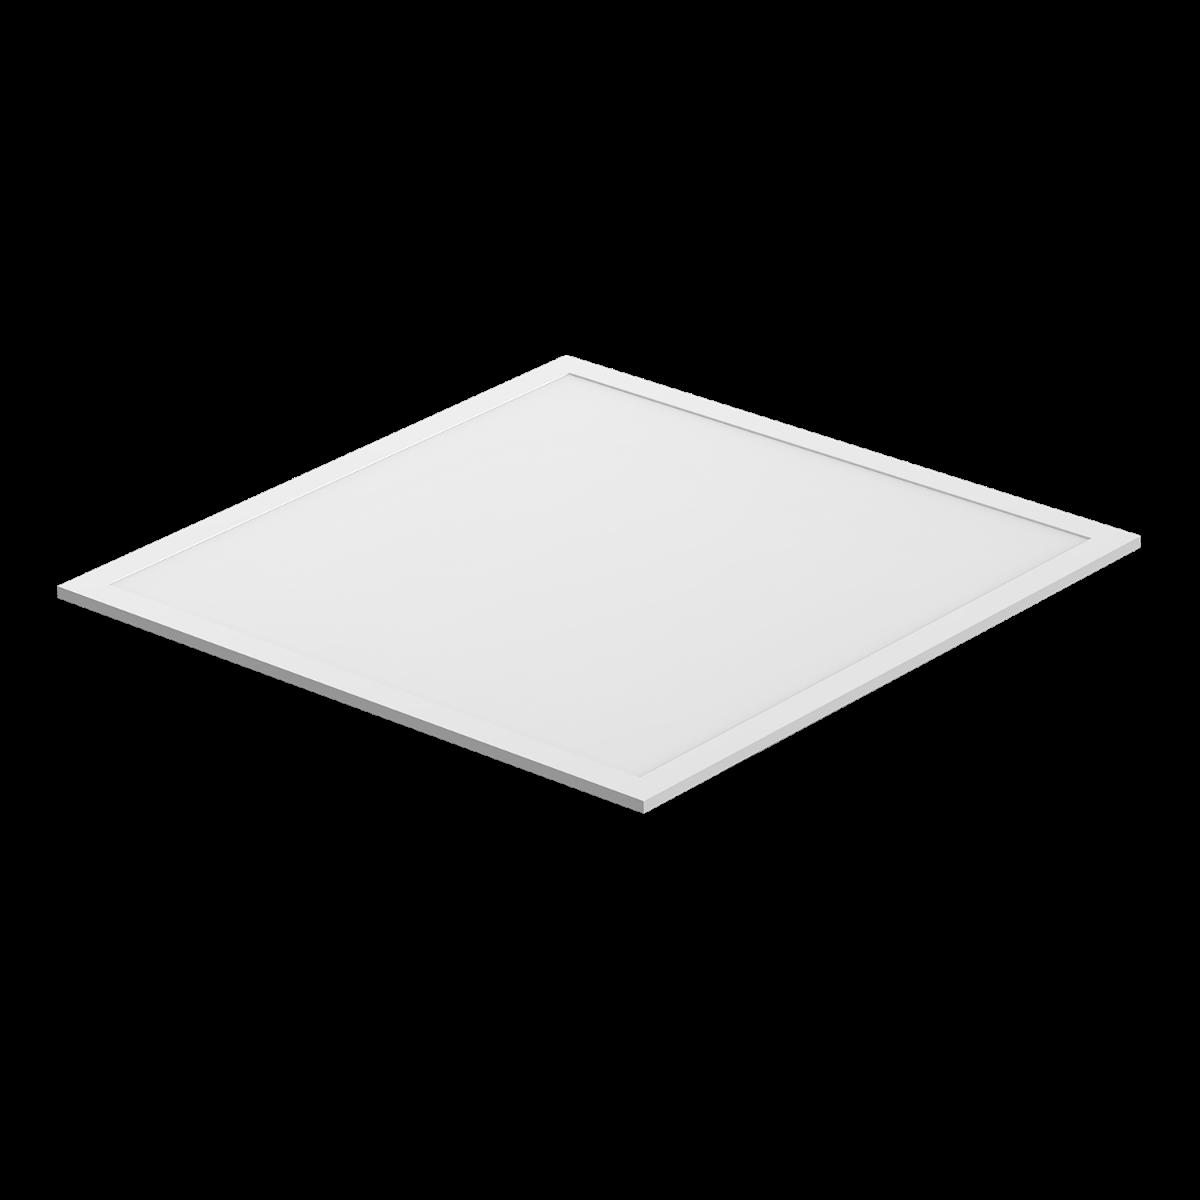 Noxion LED Panel Econox 32W 60x60cm 4000K 4400lm UGR <22   Kaltweiß - Ersatz für 4x18W